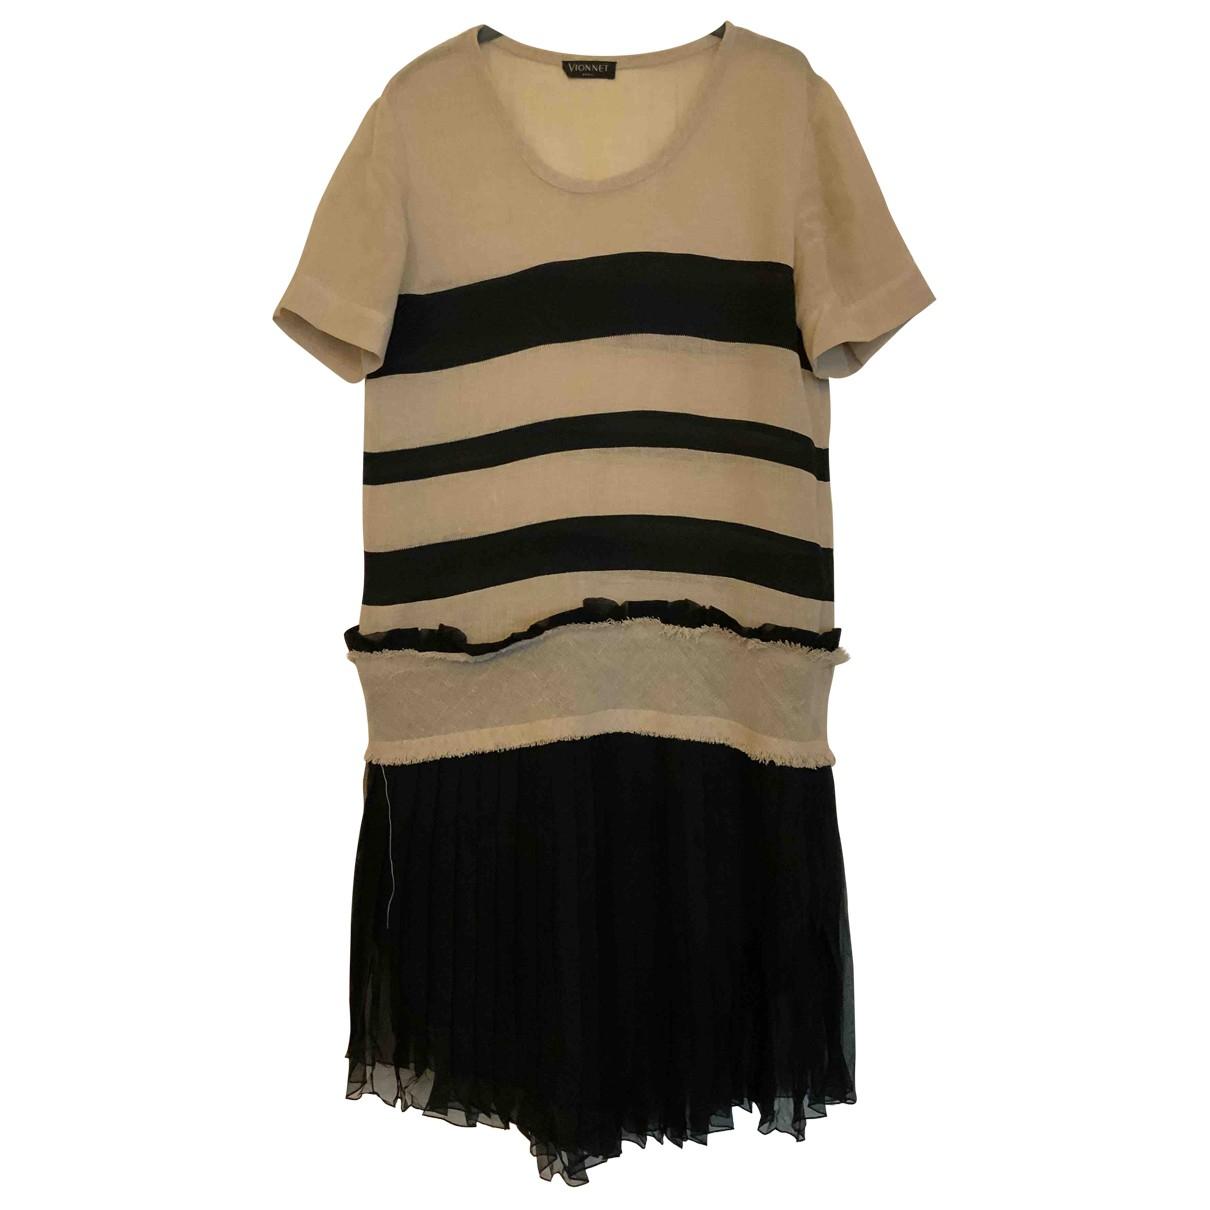 Vionnet \N Kleid in  Bunt Leinen